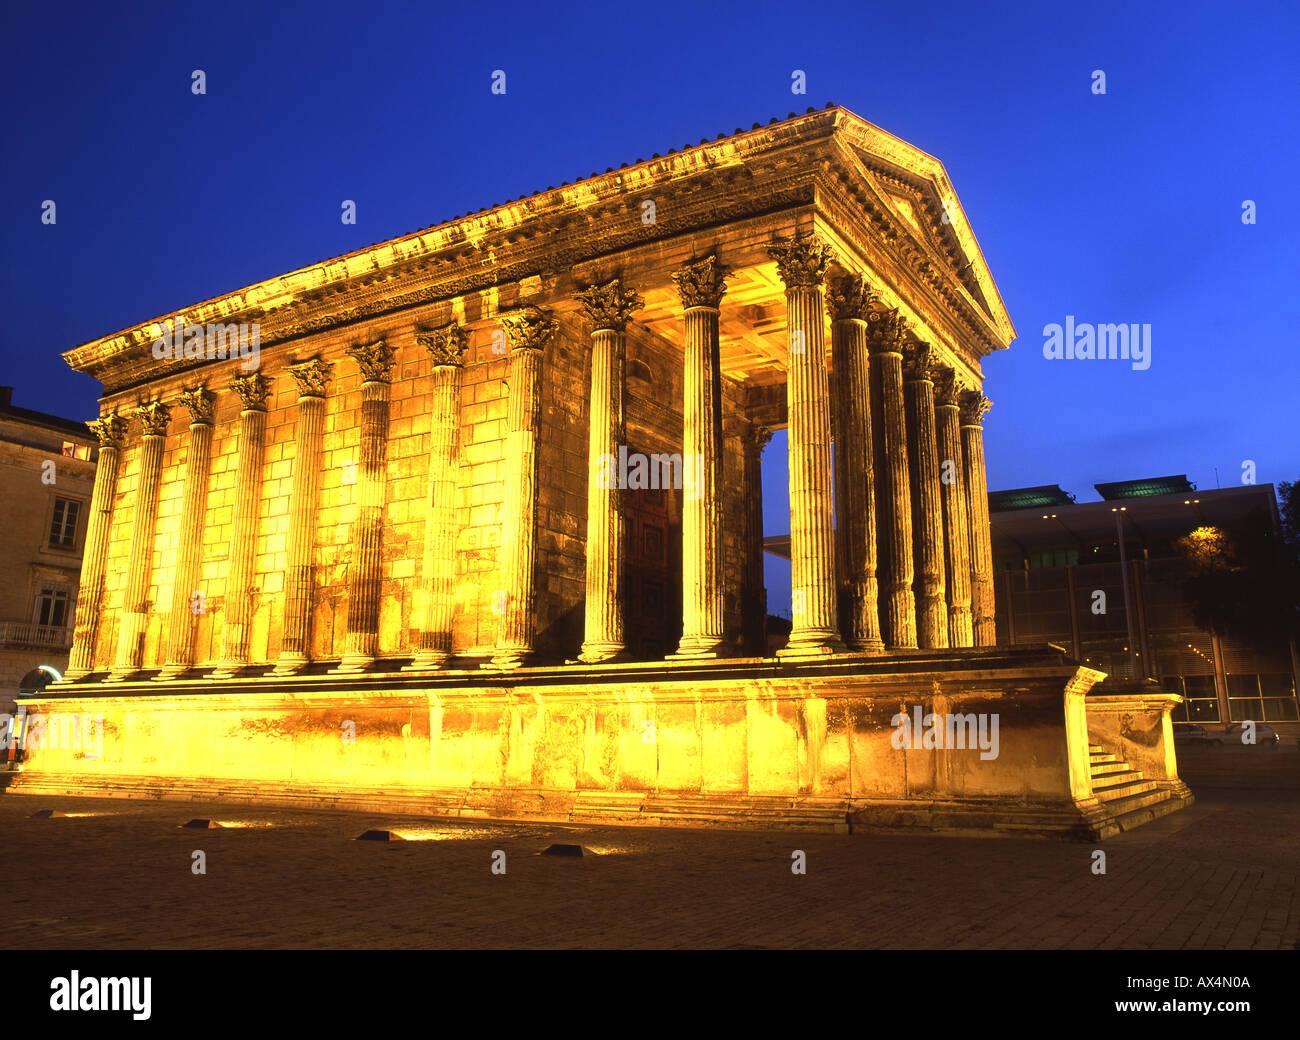 Maison Carrée templo romano del siglo II D.C. en la noche Carrée d'Art Museum de Norman Foster Nimes & Languedoc Rousillon Francia Imagen De Stock